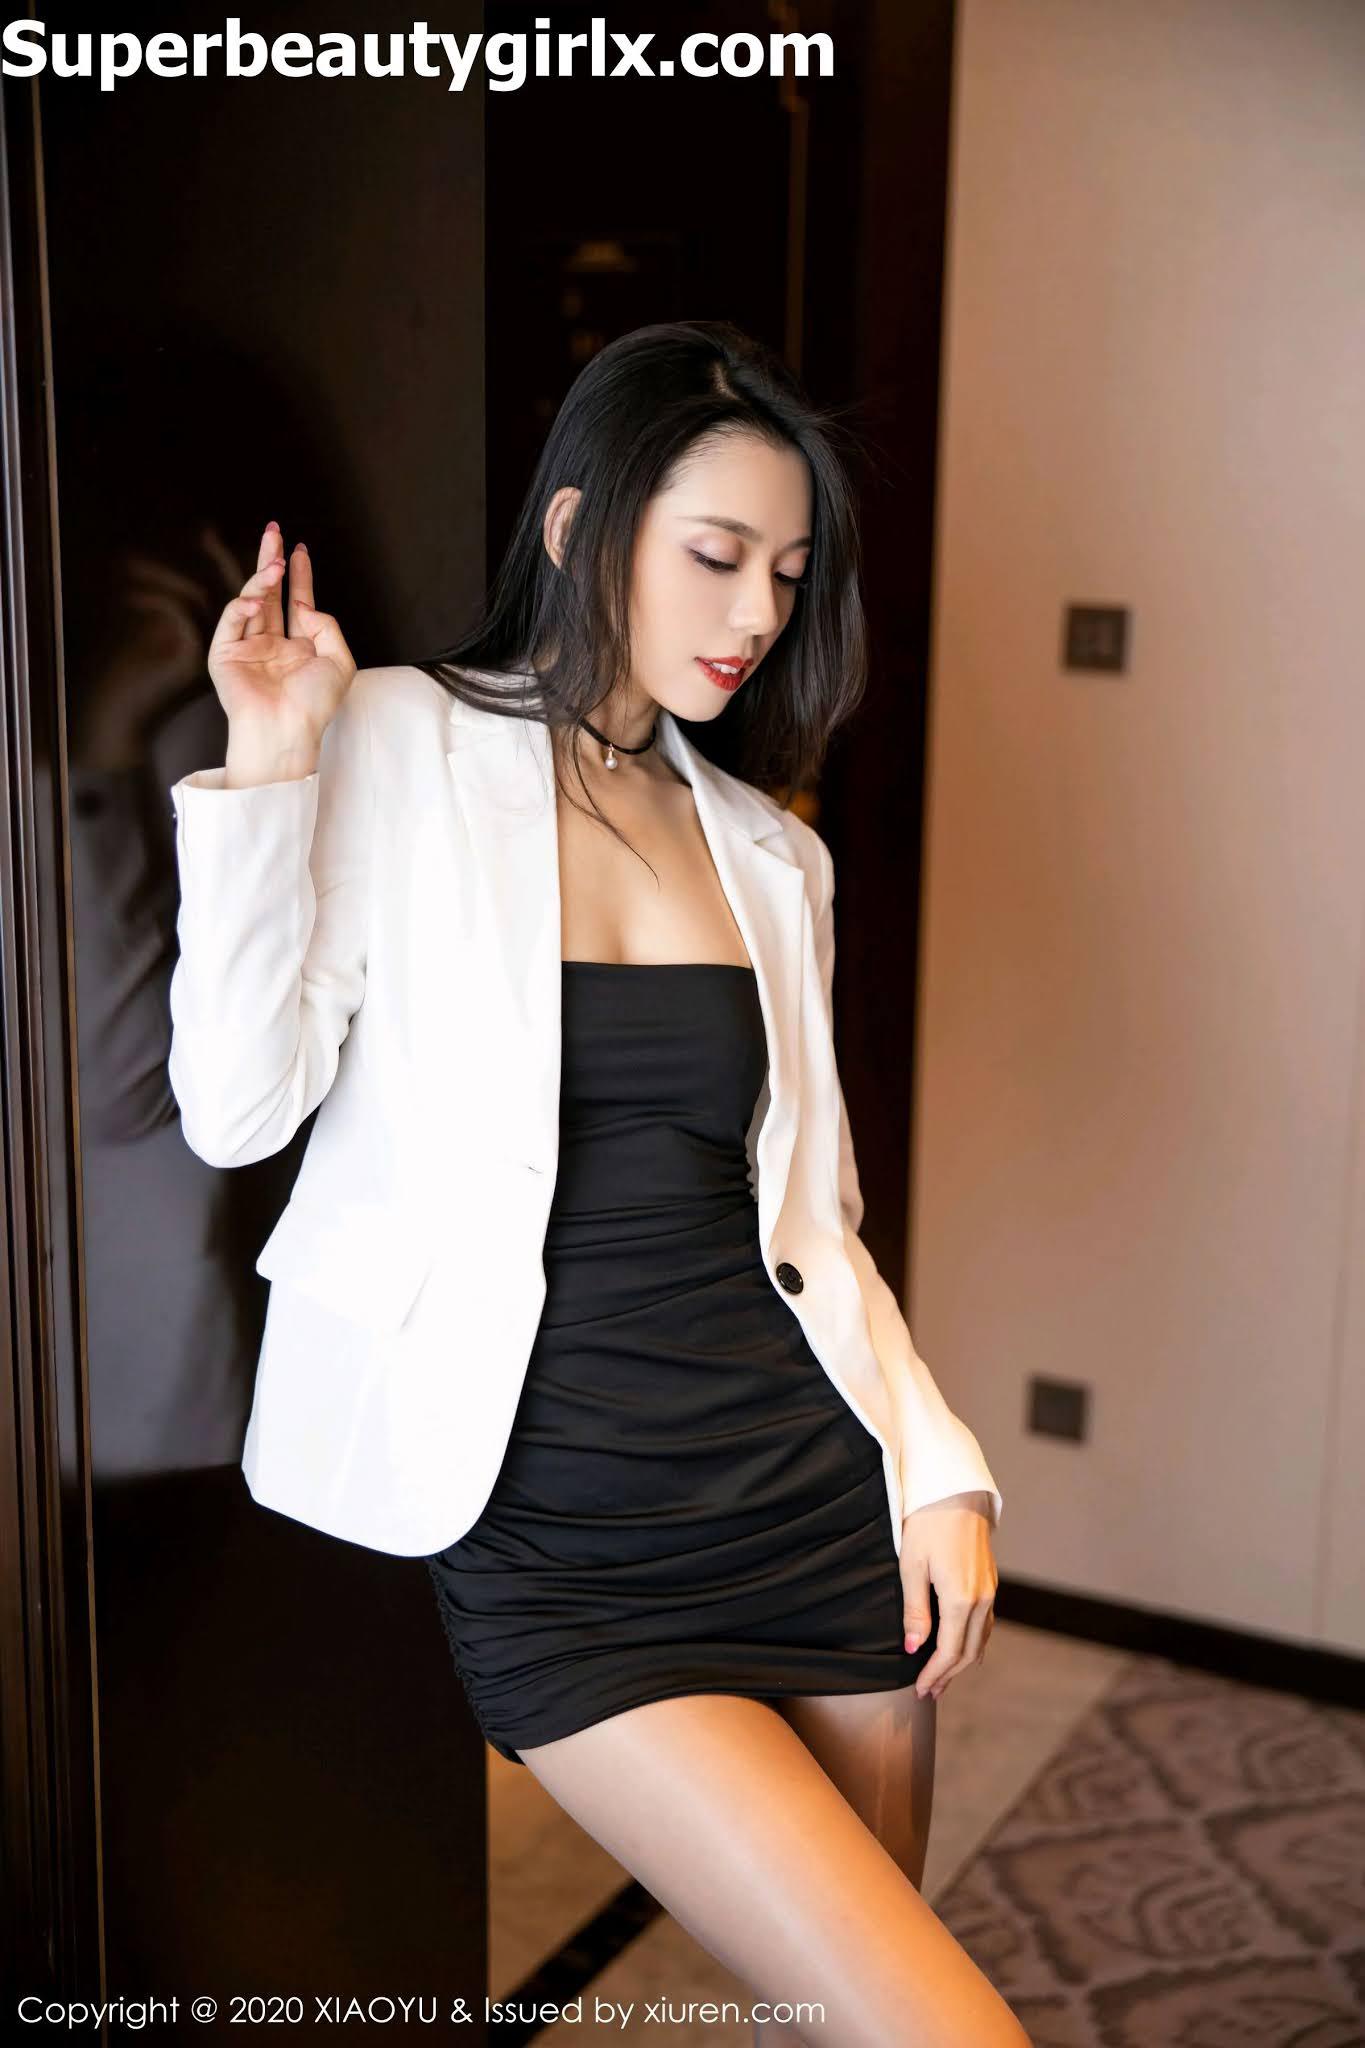 XiaoYu-Vol.351-Yan-Mo-Superbeautygirlx.com